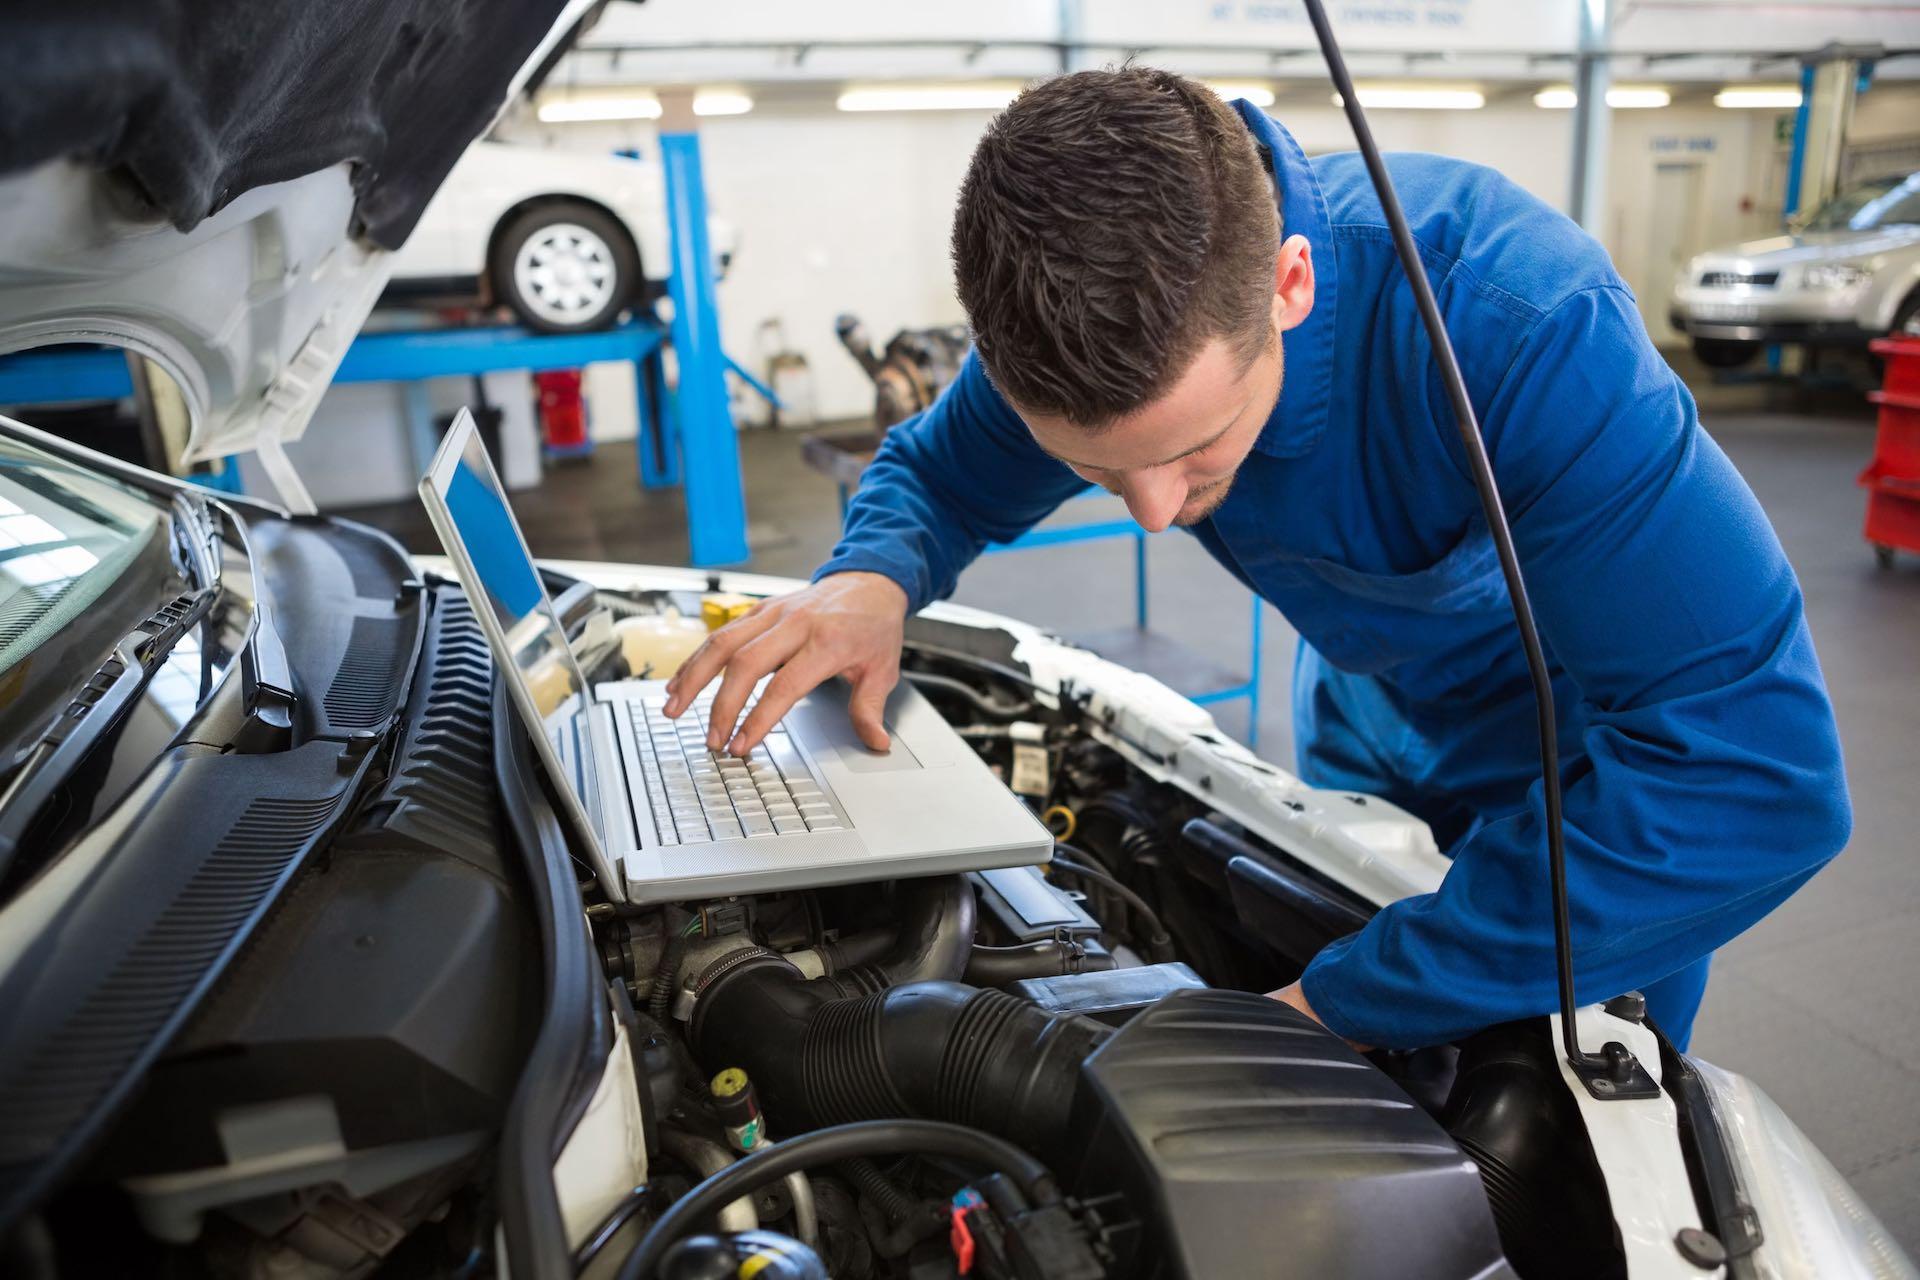 Vehicle Maintenance and Repairs